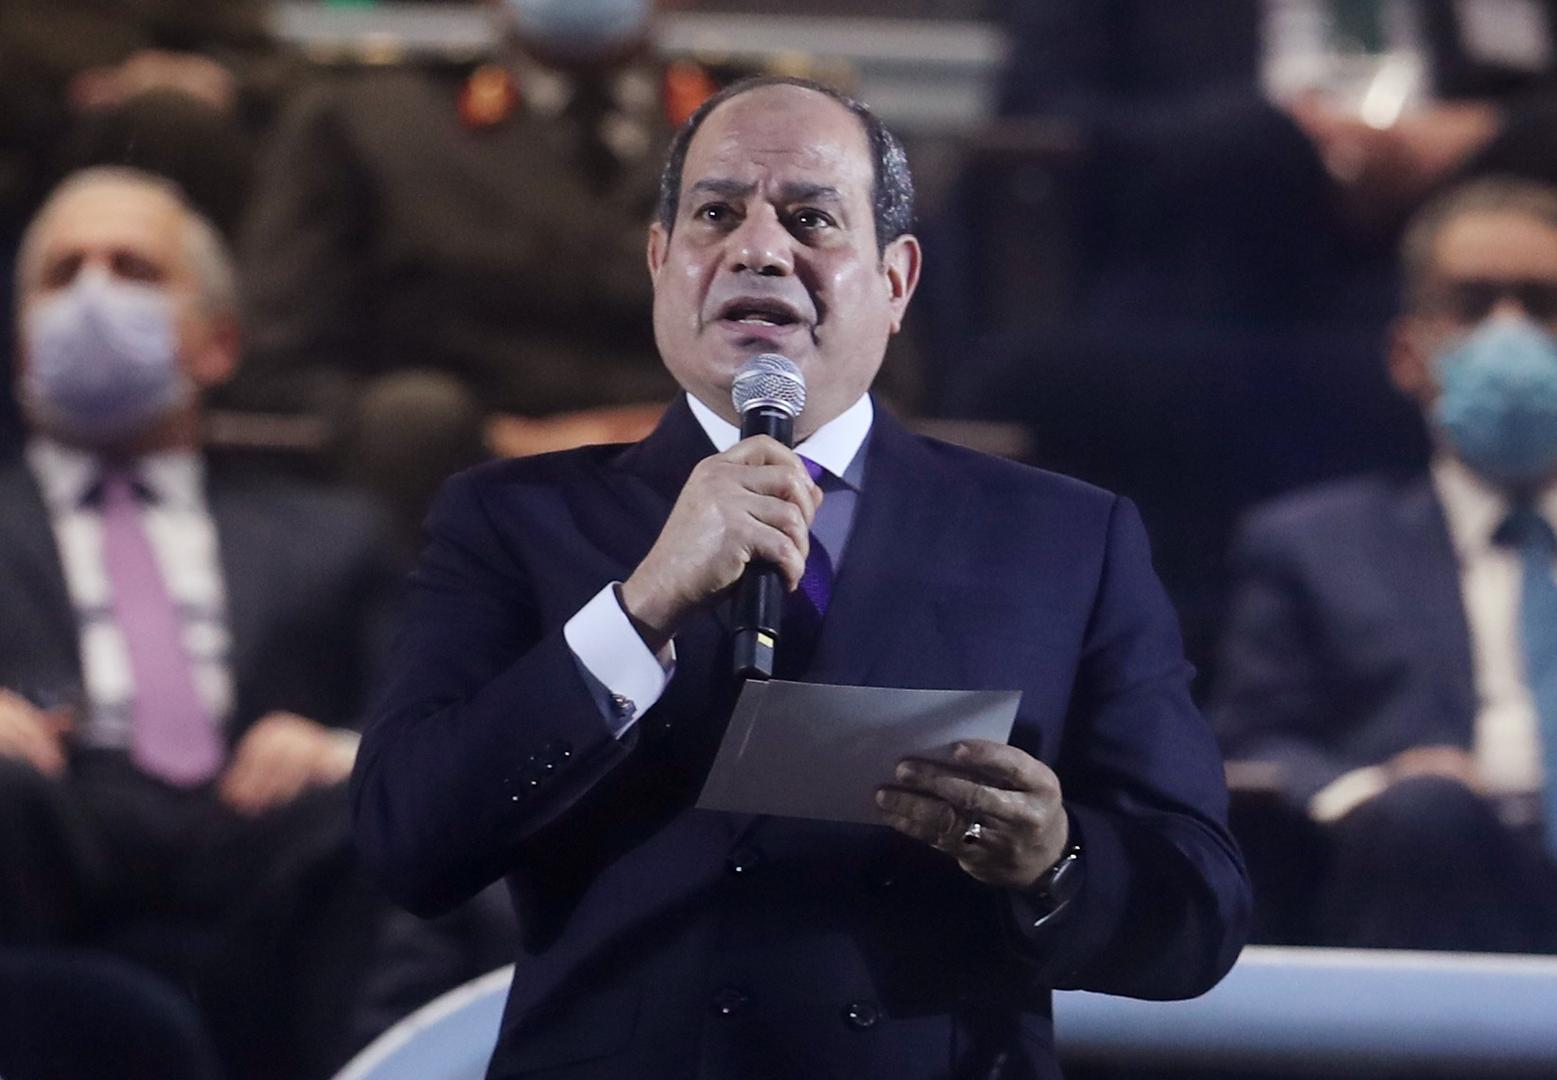 السيسي لنظيره الكونغولي: مصر لن تقبل المساس بأمنها المائي